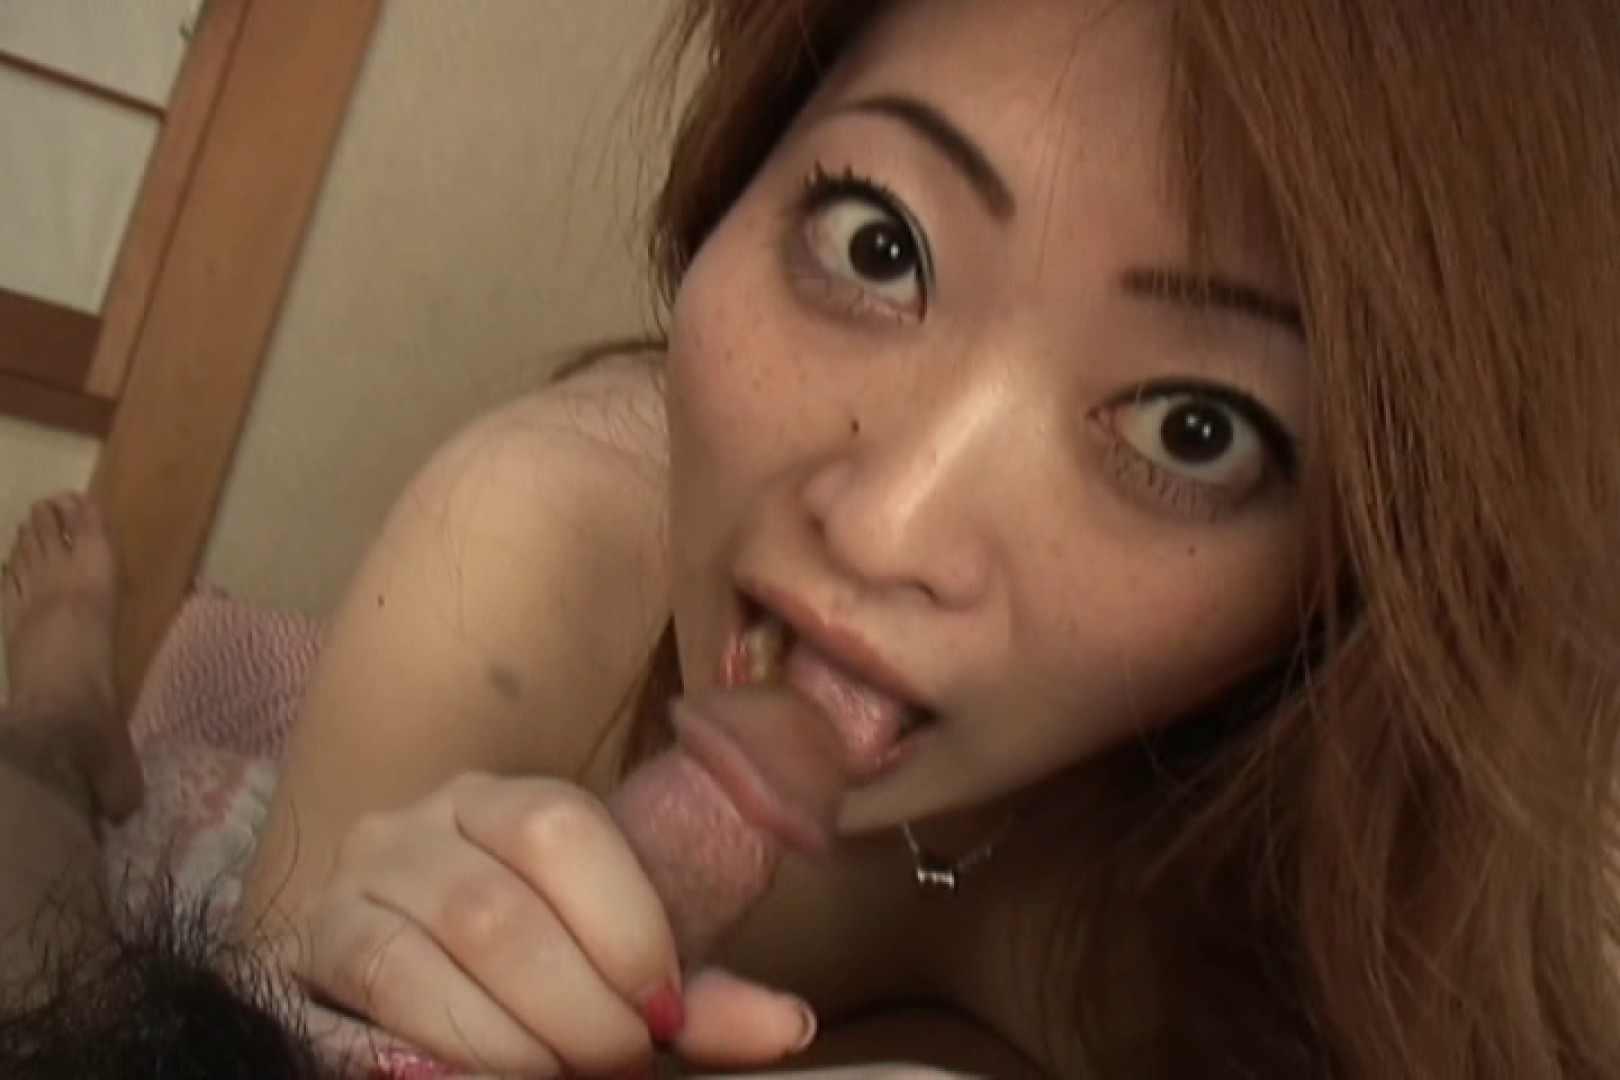 仕事で月200本のチンポを相手する22歳若人妻~桜井あい~ フェラチオシーン スケベ動画紹介 89pic 2